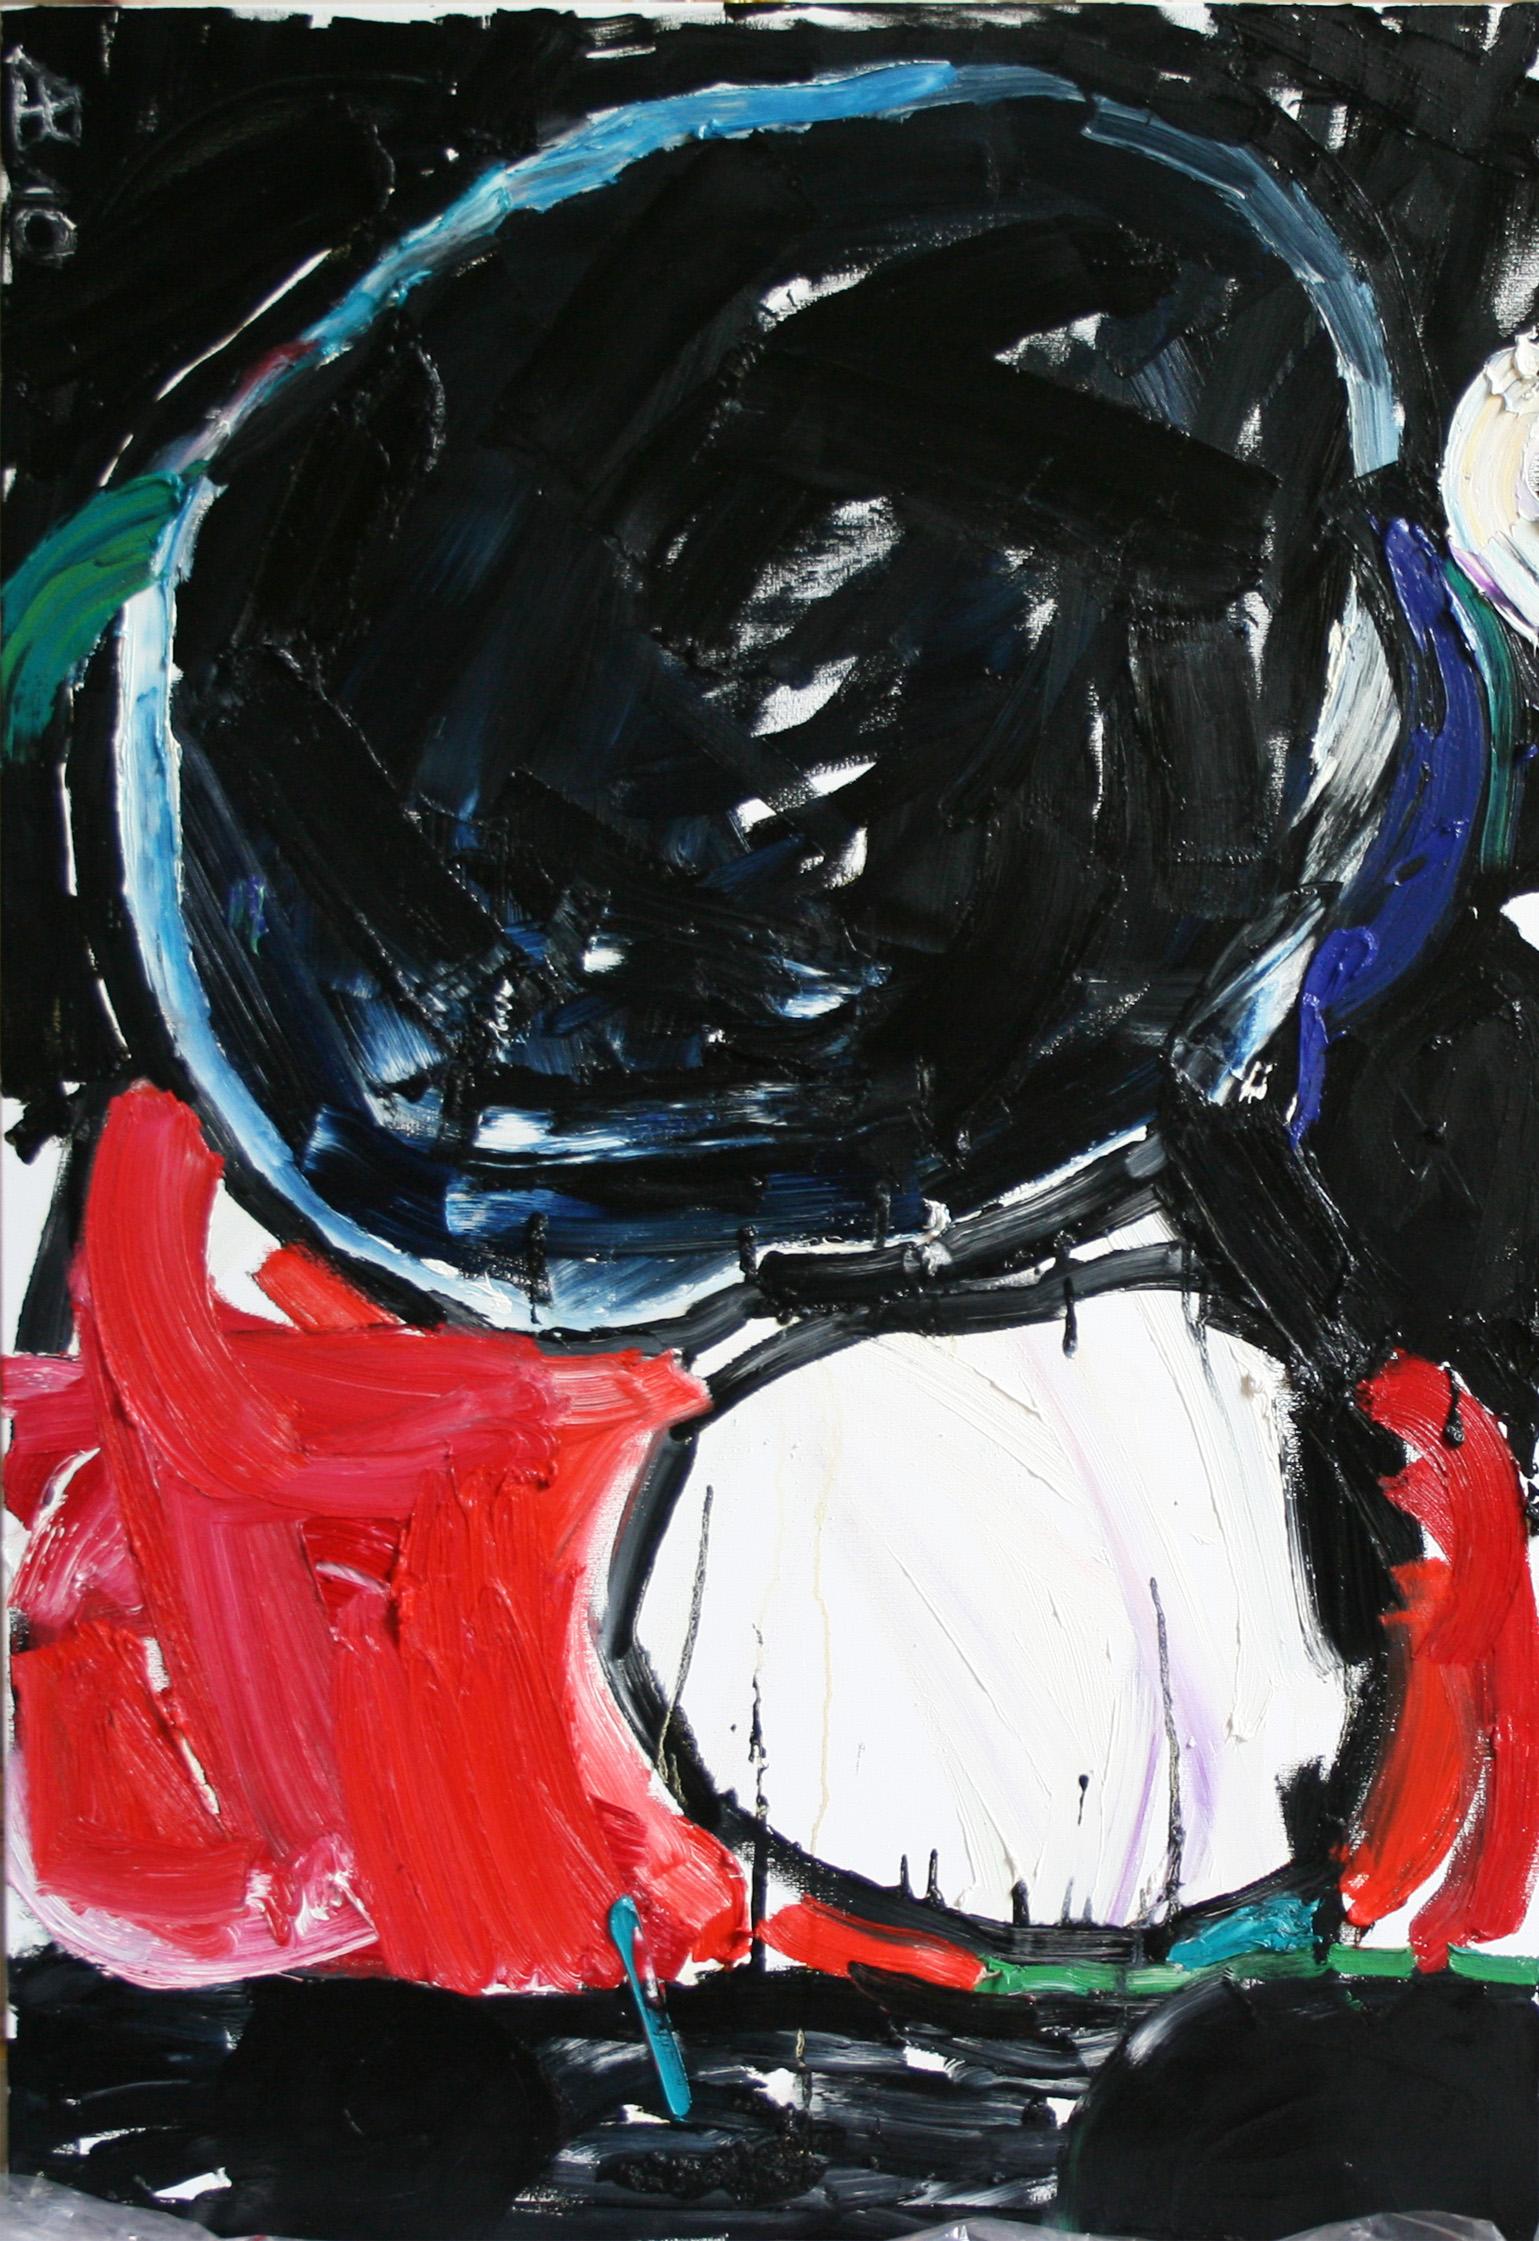 huile sur toile, 130 x 89